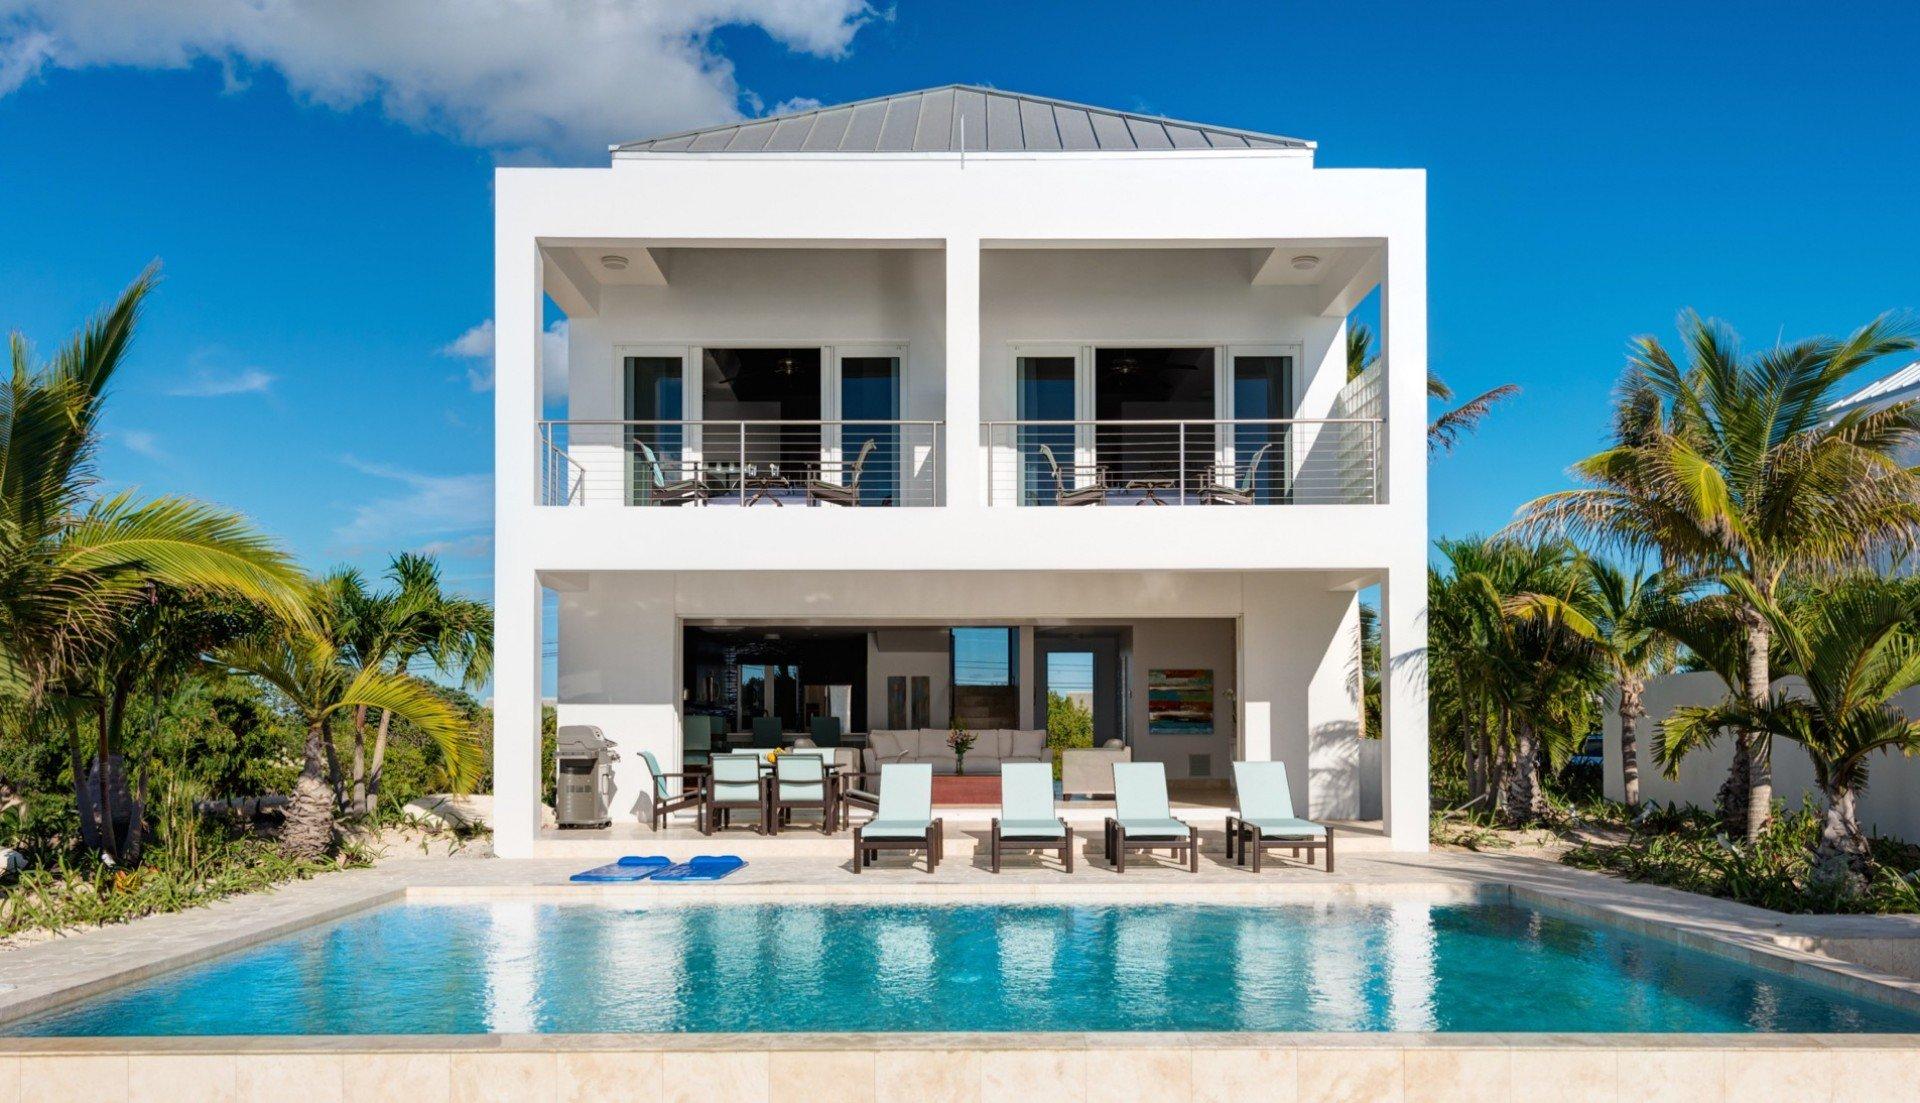 Miami Vice Two Villa Miami Vice Two Turks Amp Caicos